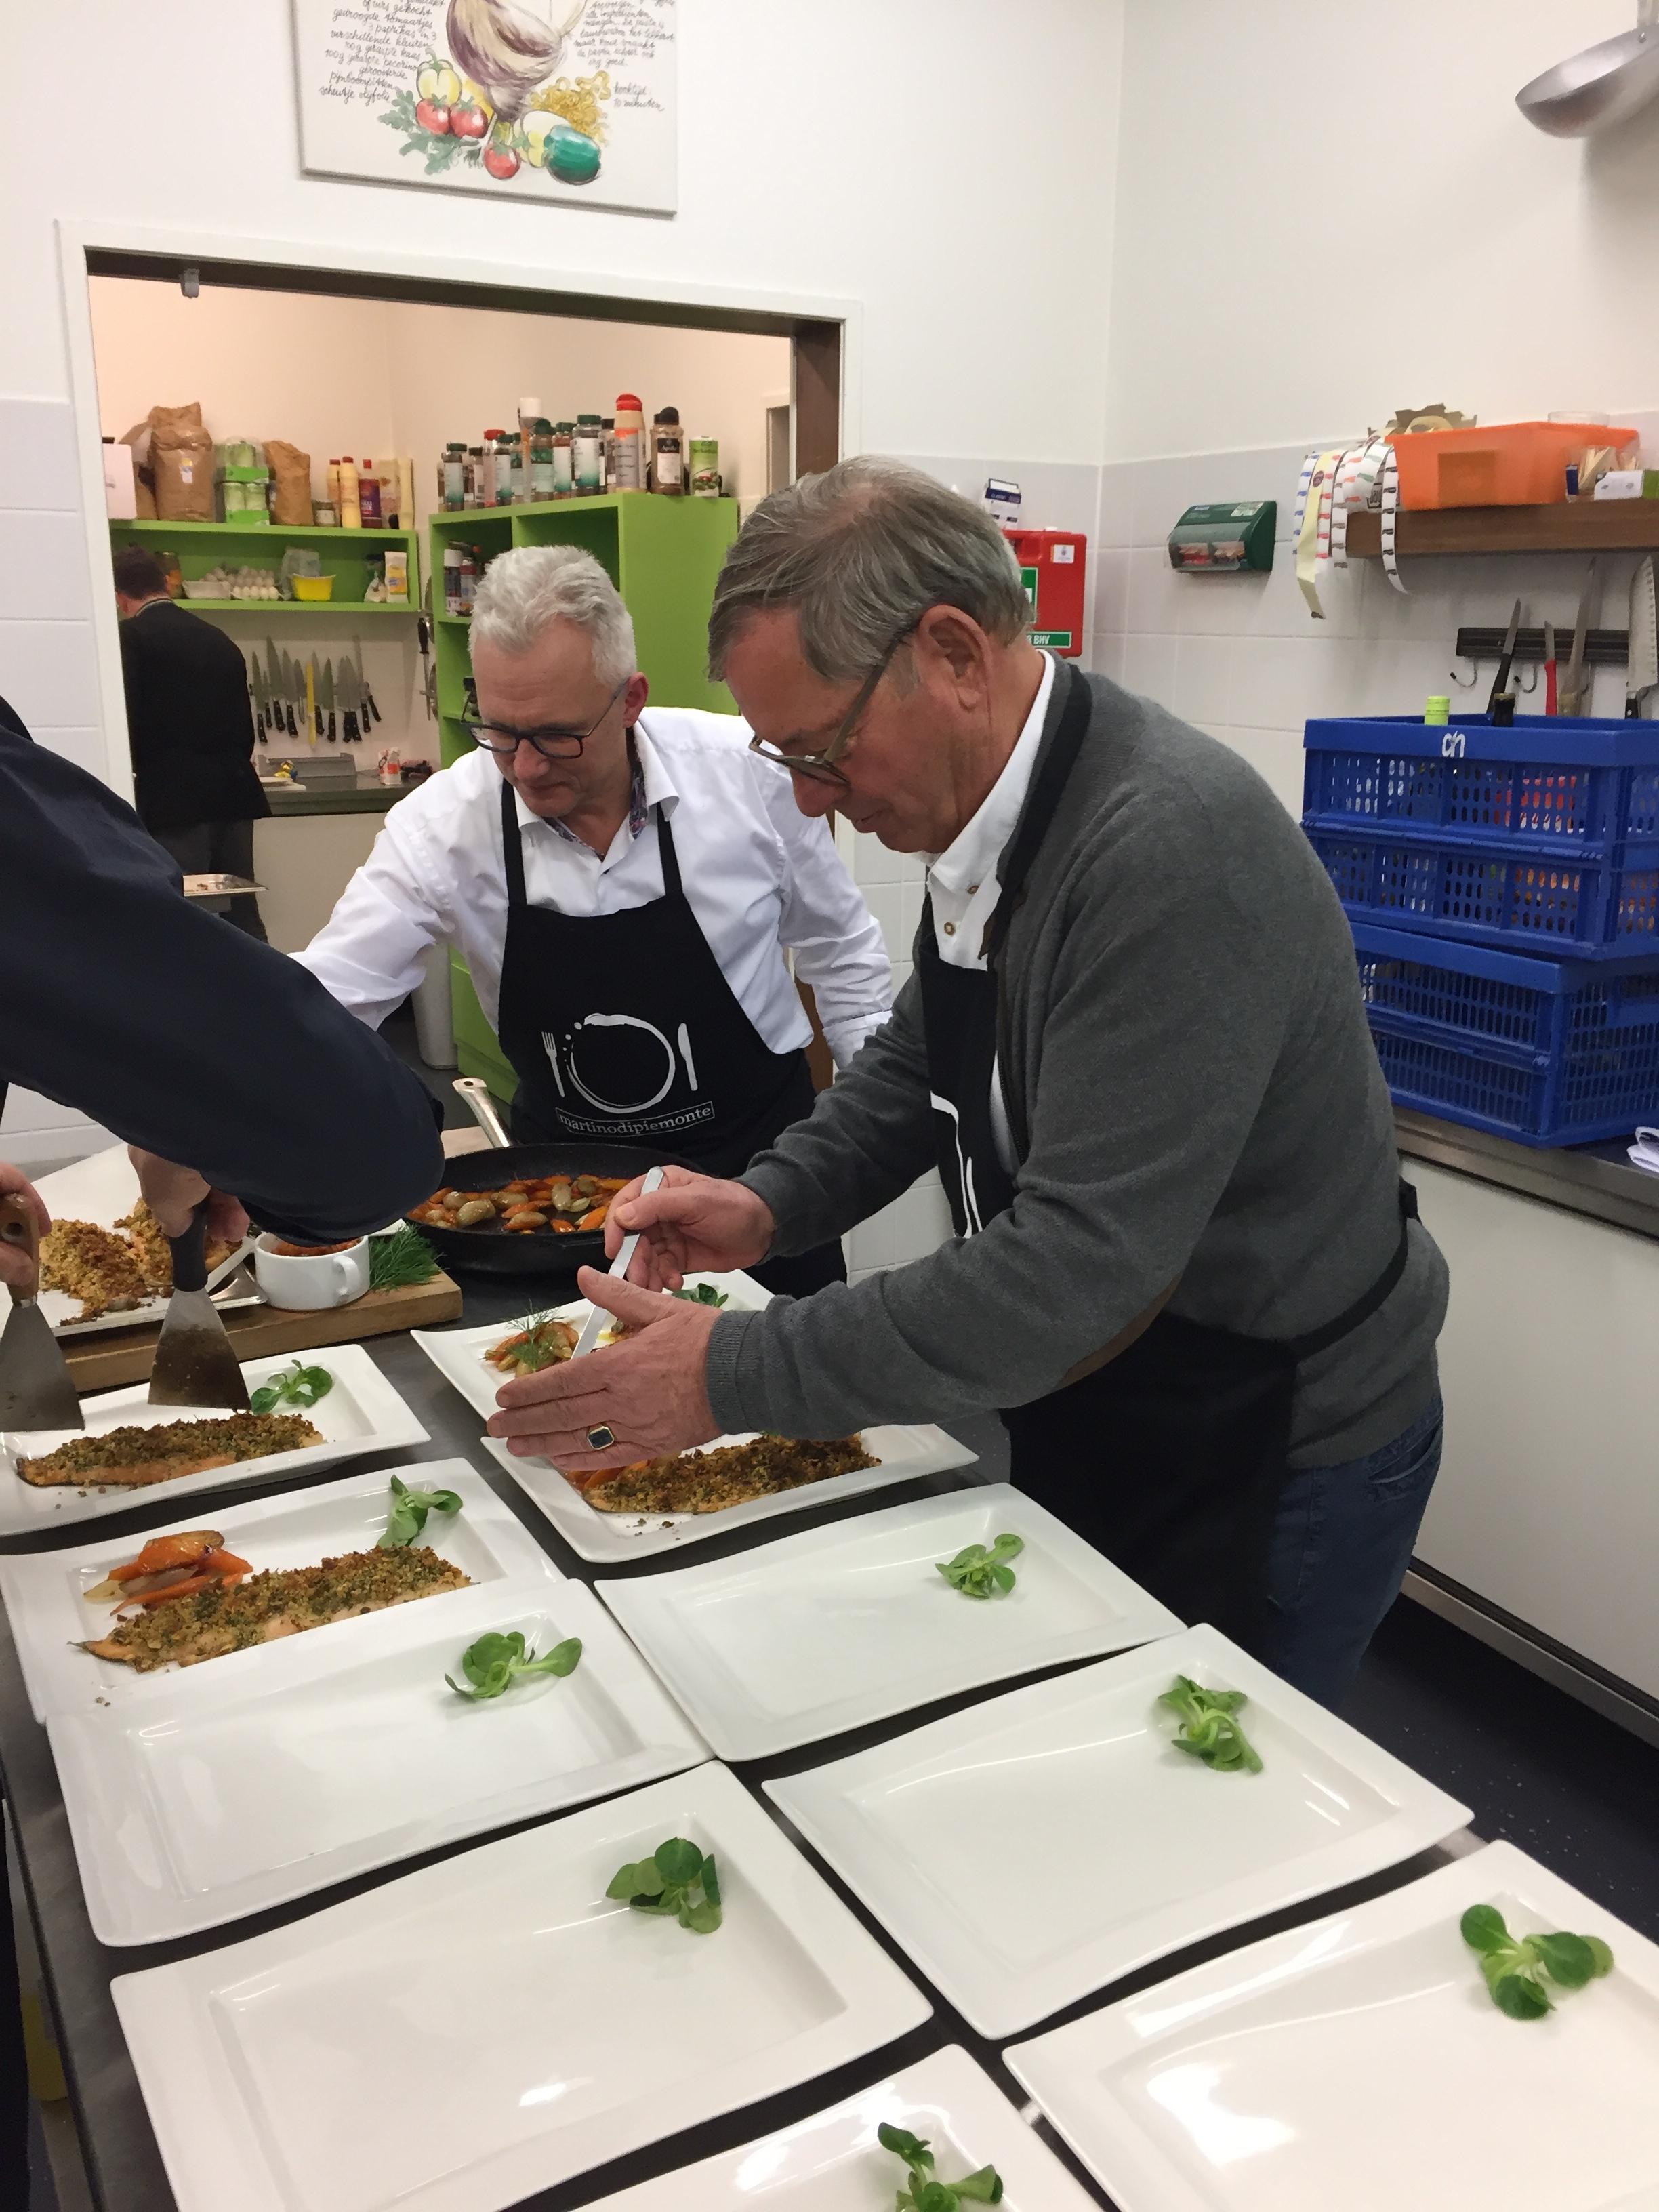 kookworkshop maart 2018 (5)